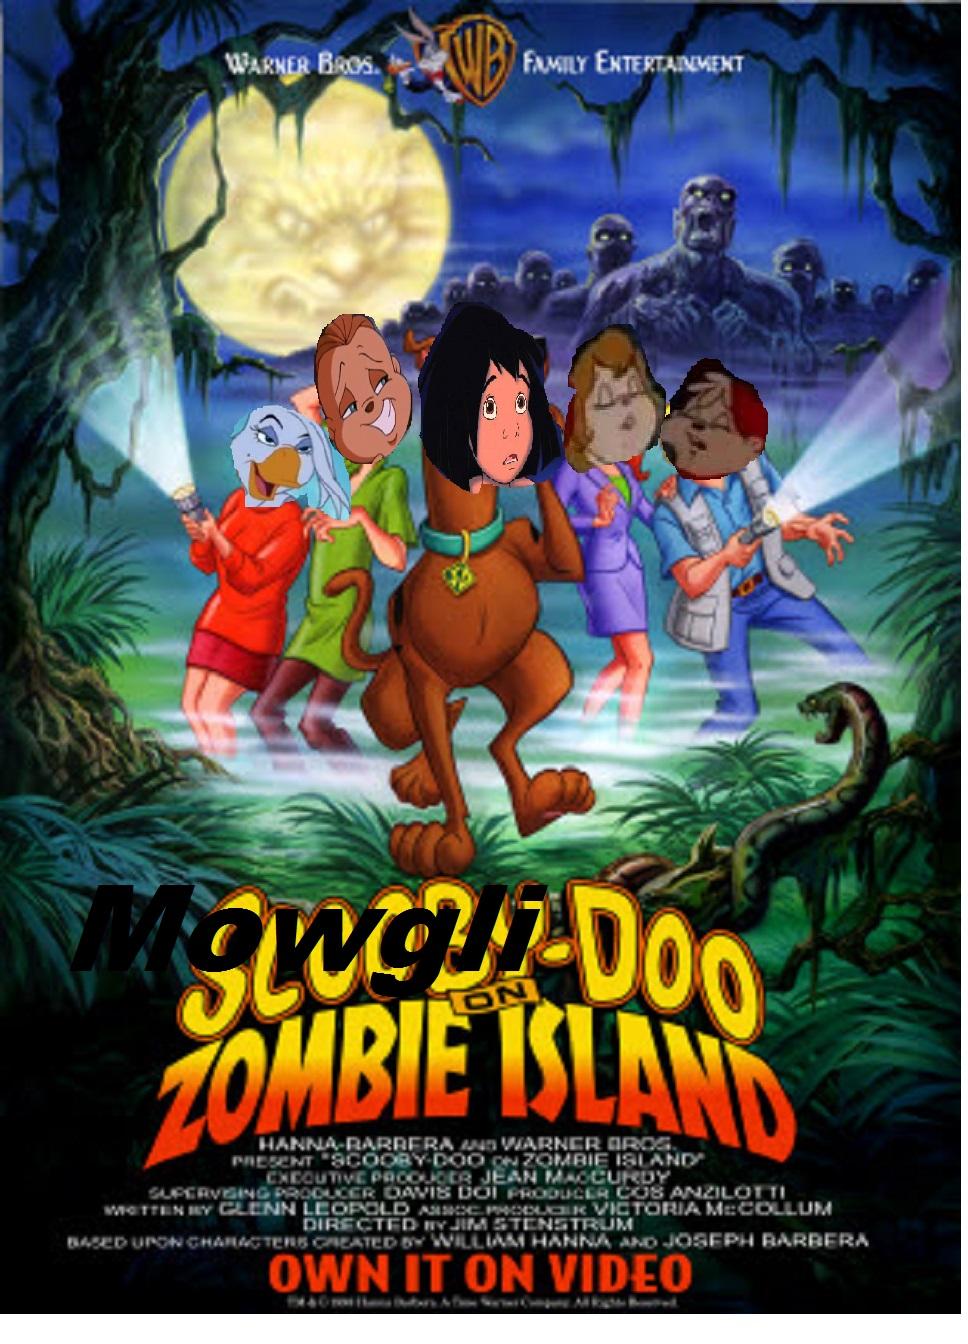 Mowgli Doo on Zombie Island